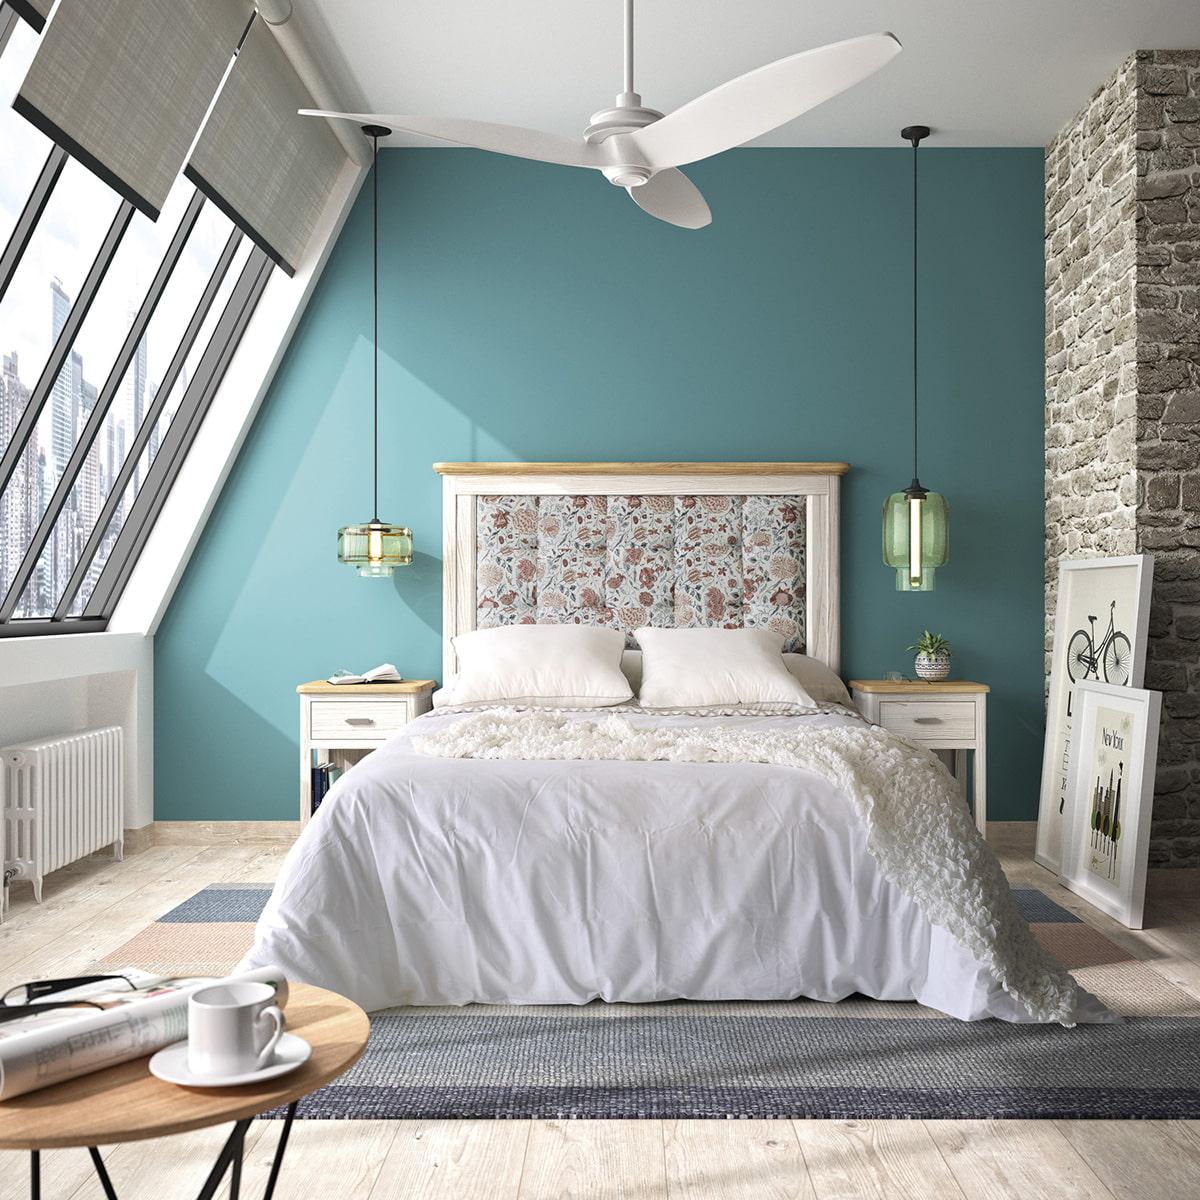 dormitorio-contemporaneo-Dormitorios-muebles-paco-caballero-1337-5c94c01874c0a